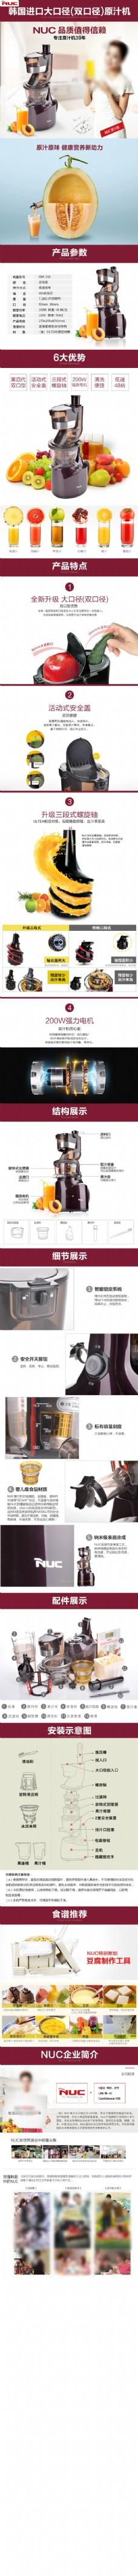 榨汁机 详情页